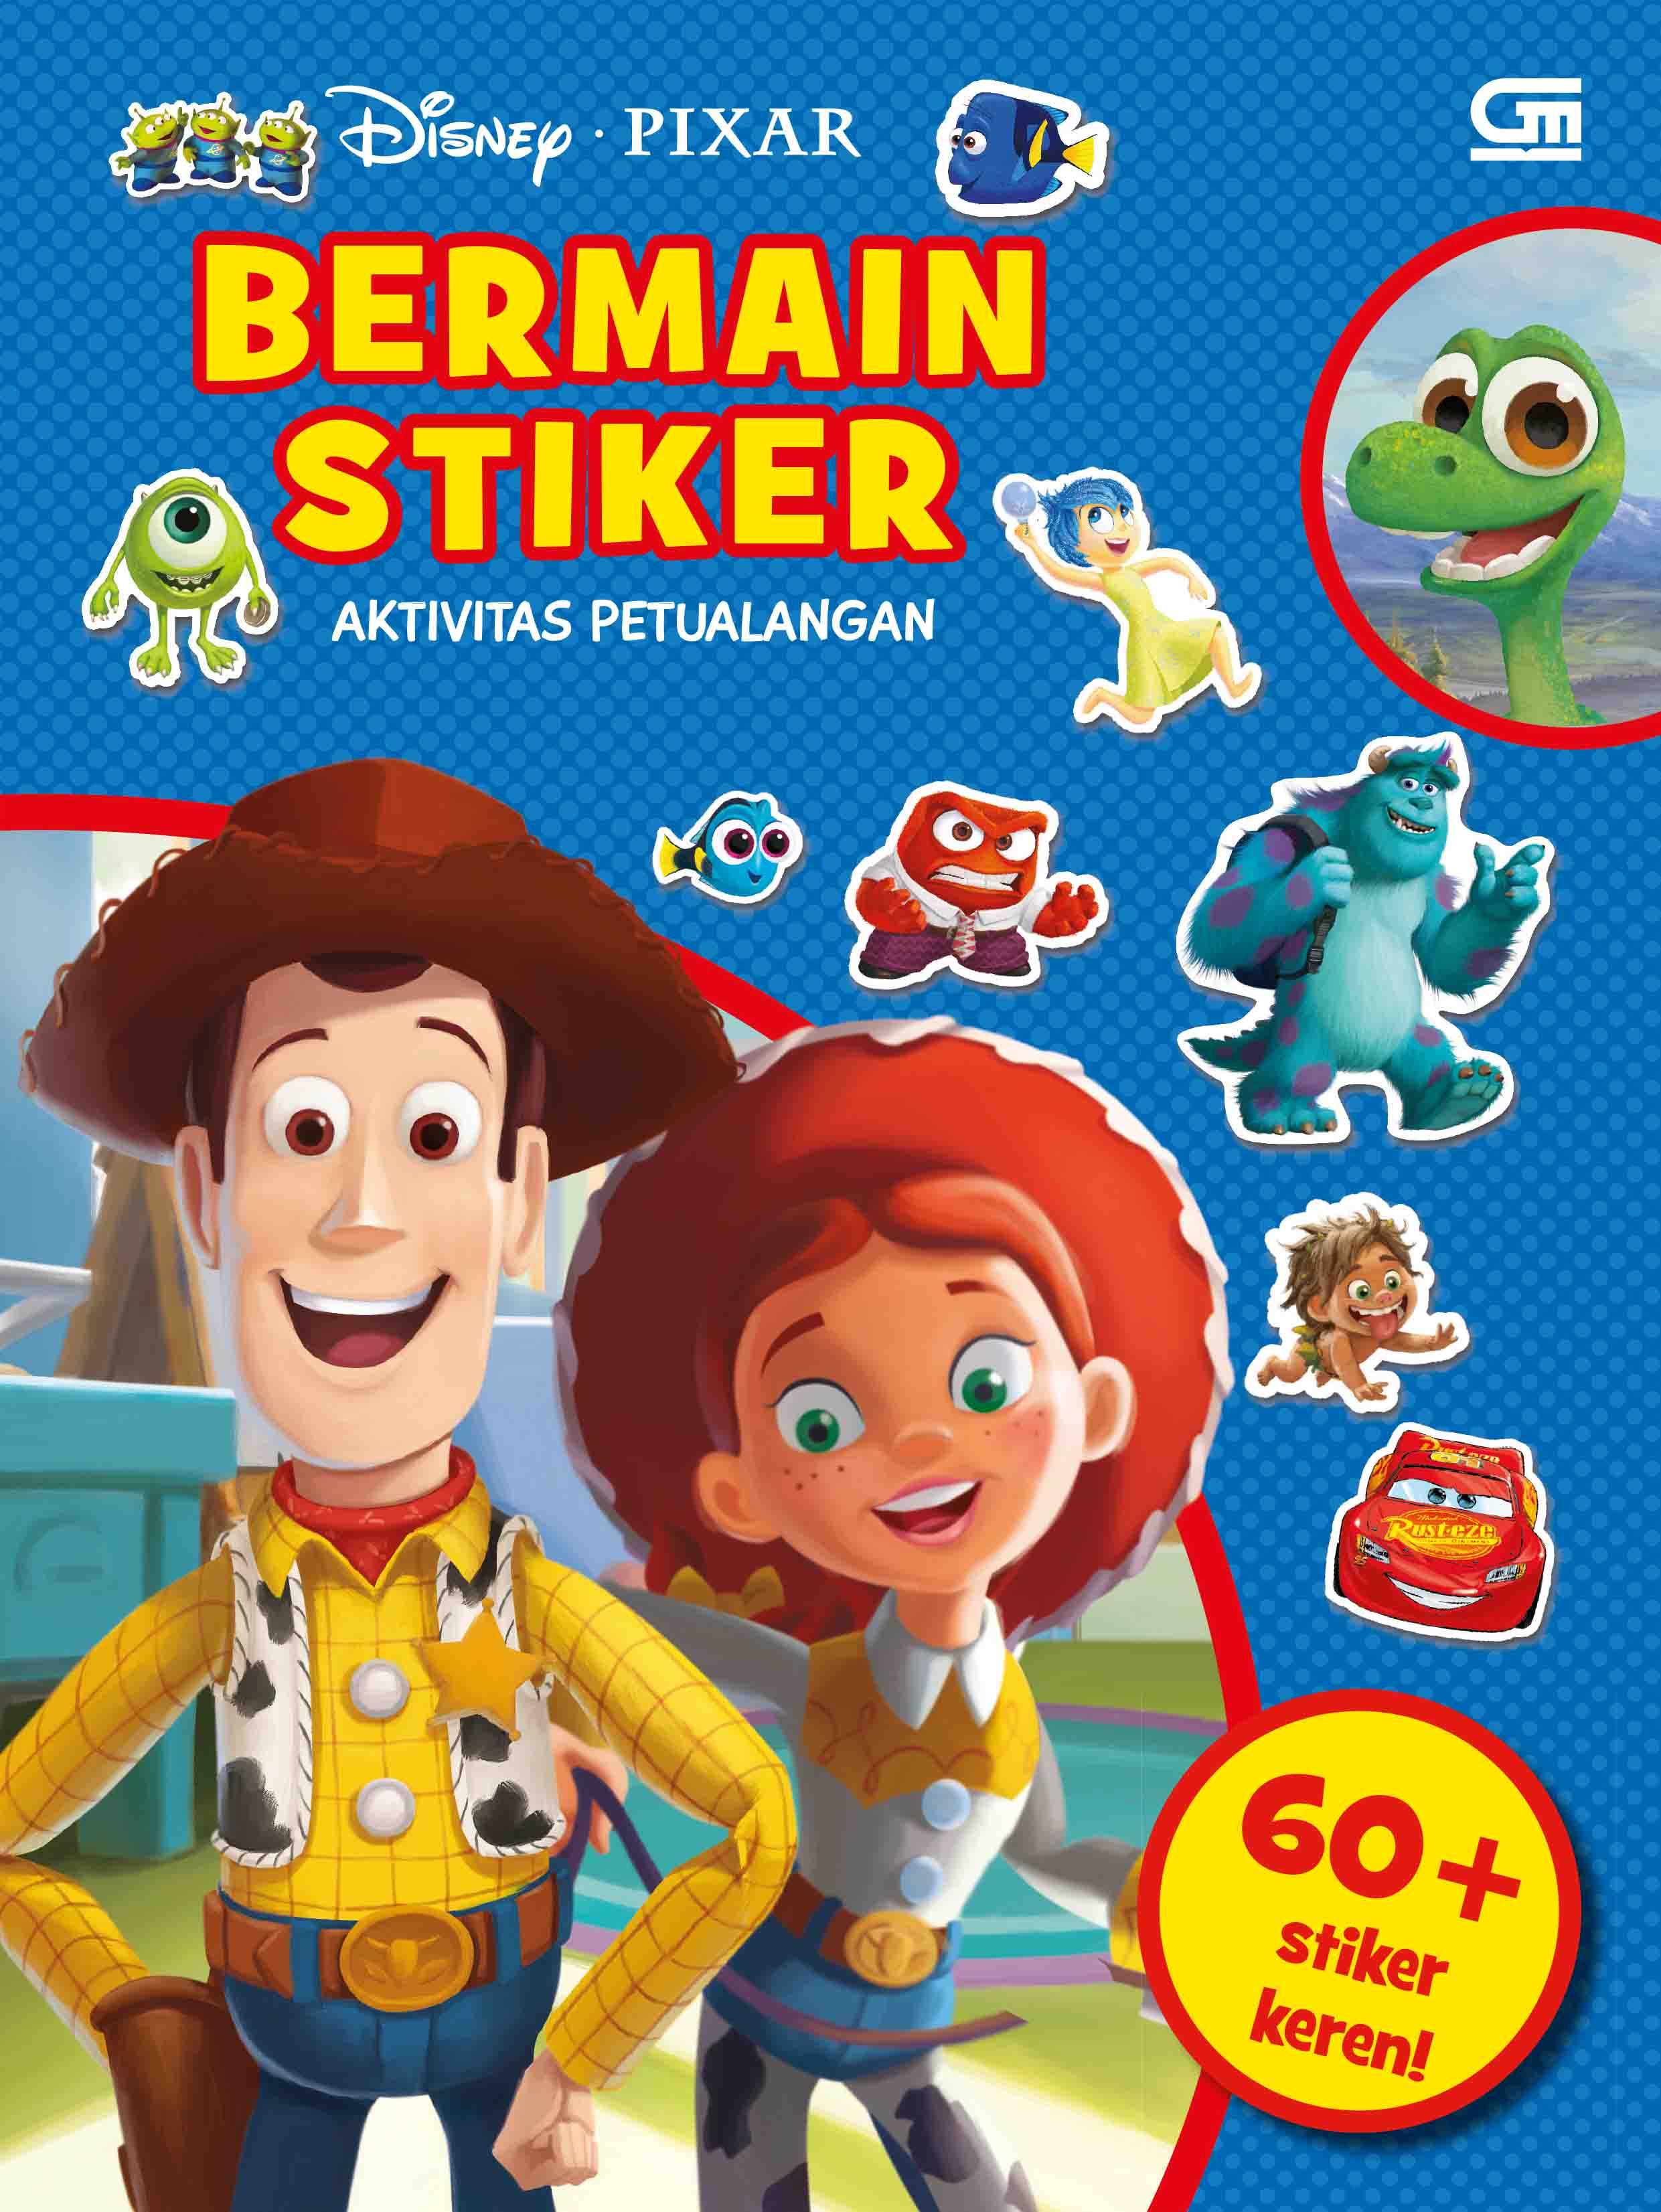 Disney Pixar: Bermain Stiker: Aktivitas Petualangan